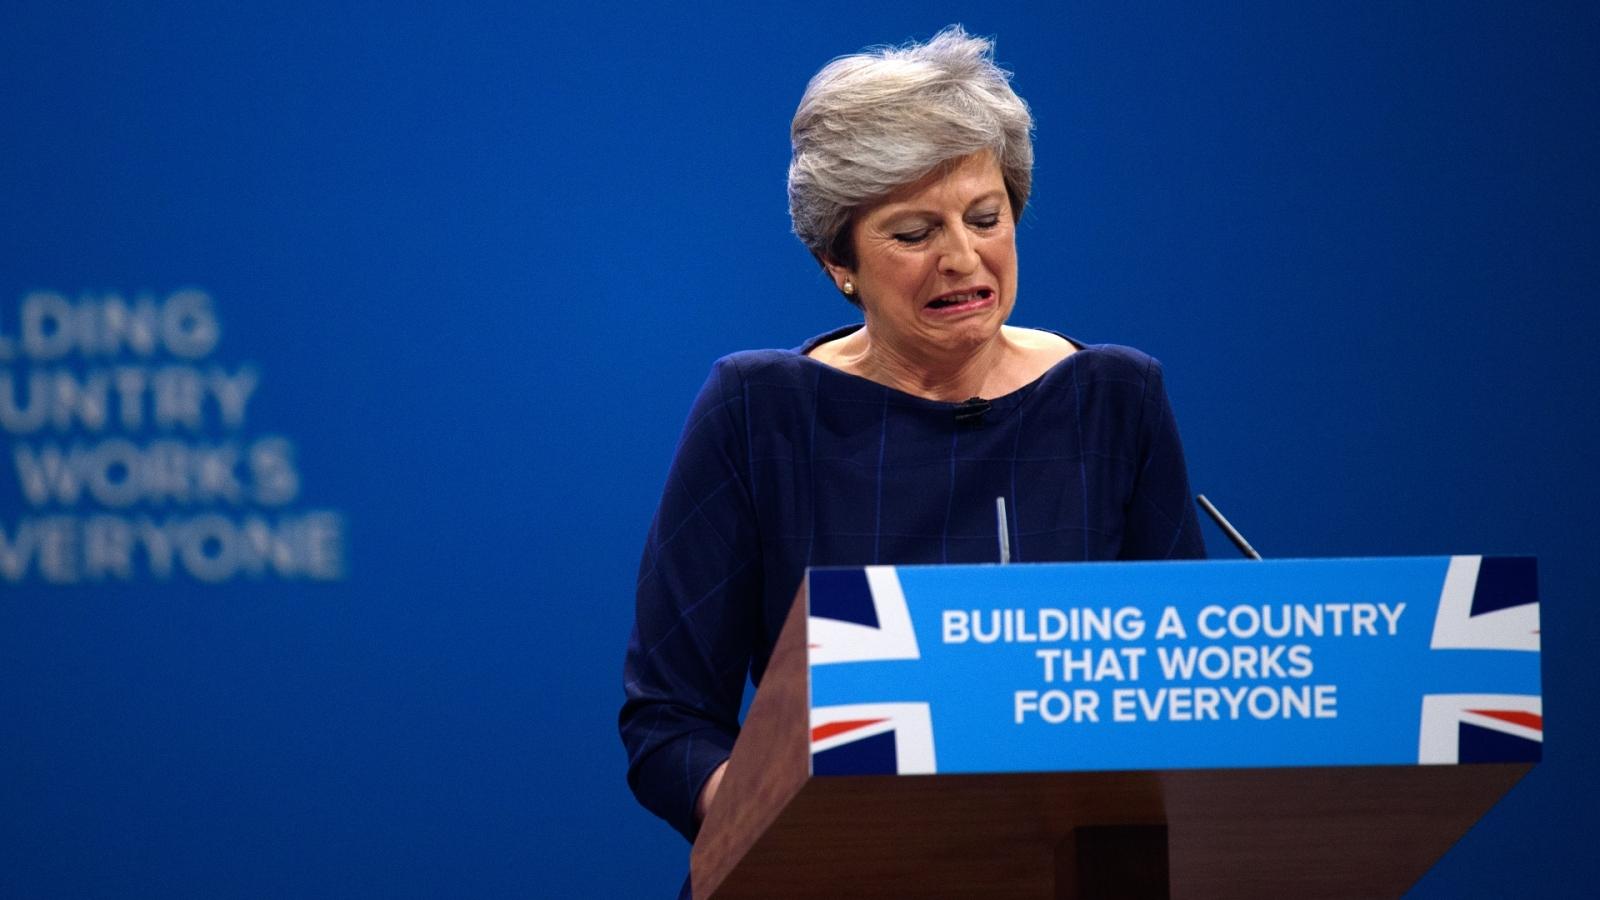 Theresa May Disaster speech